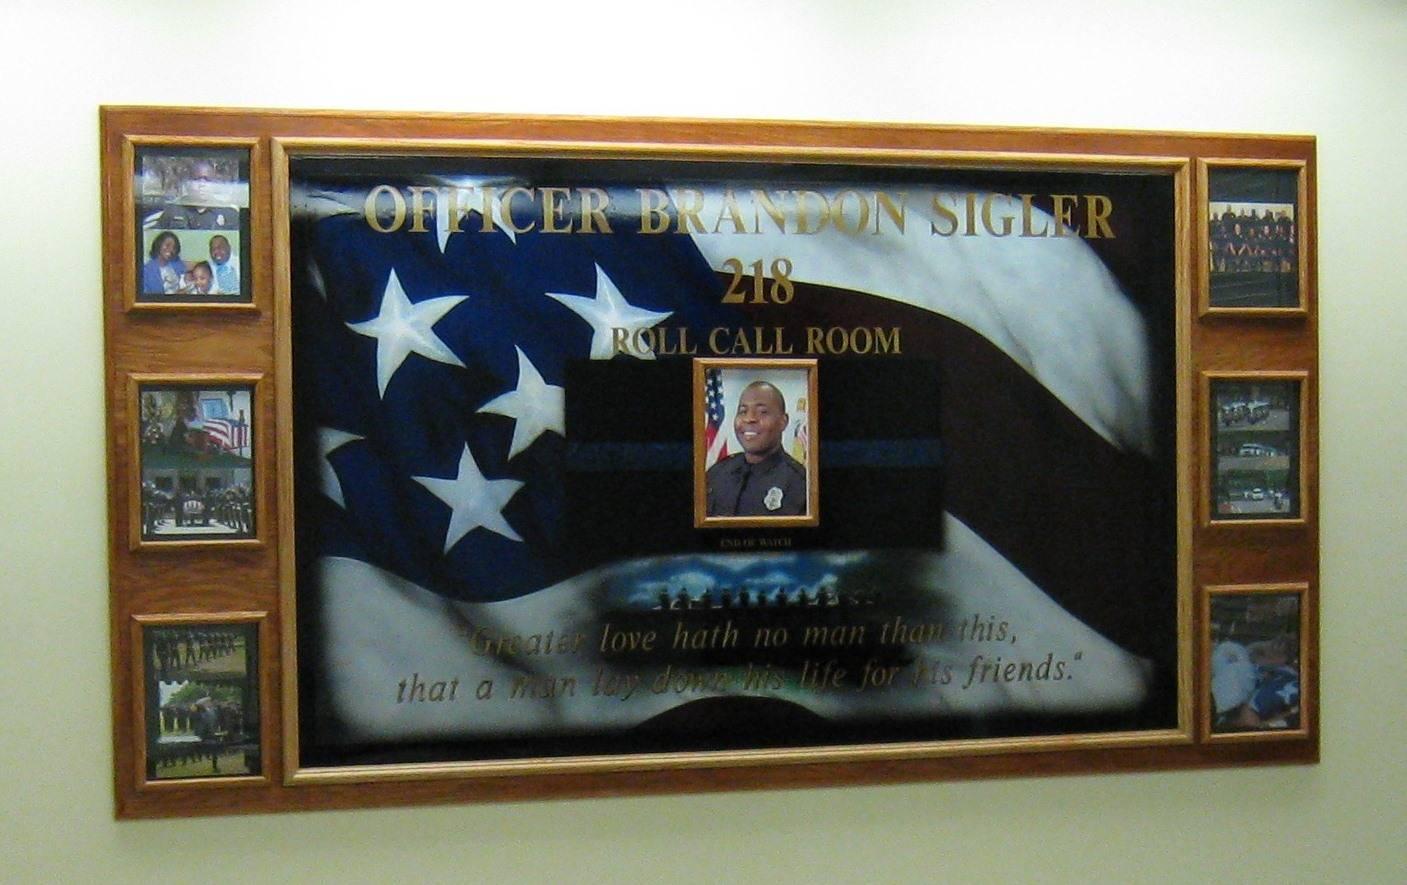 Ofc. Brandon Sigler Memorial